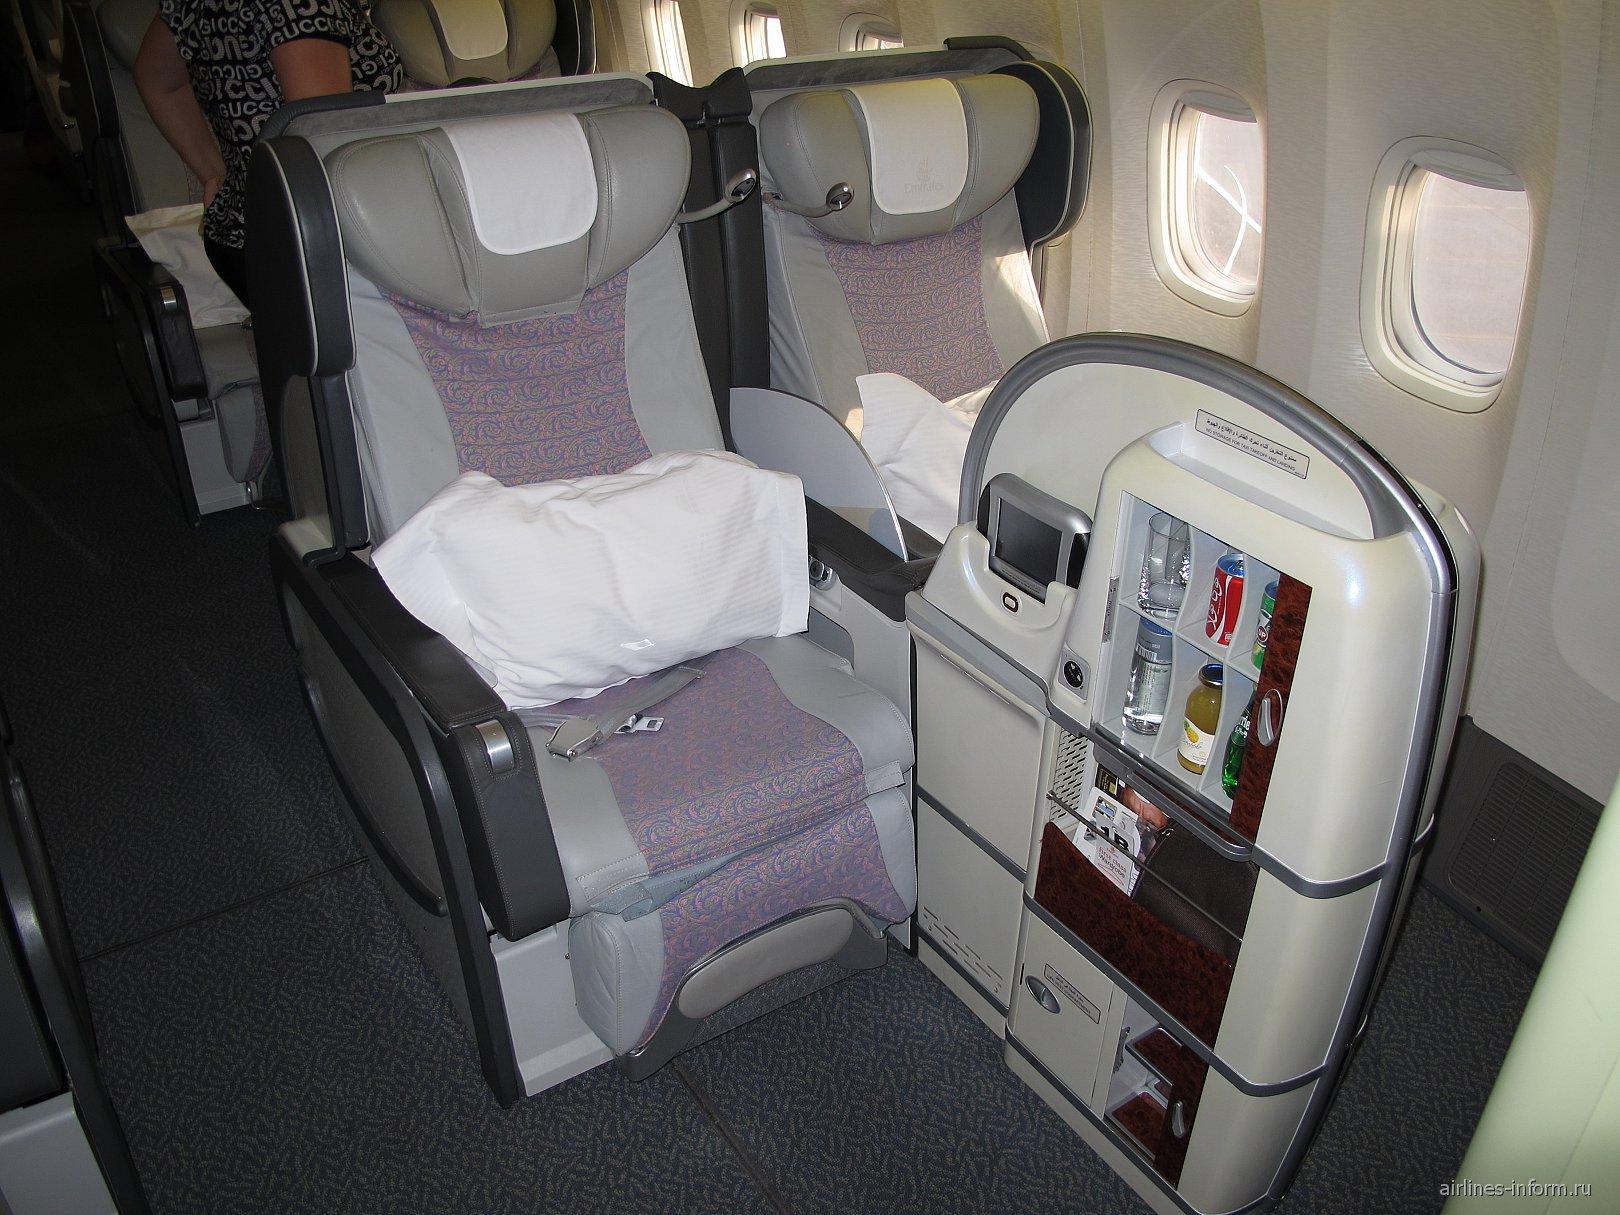 Кресла первого класса в самолете Боинг-777-300 авиакомпании Emirates